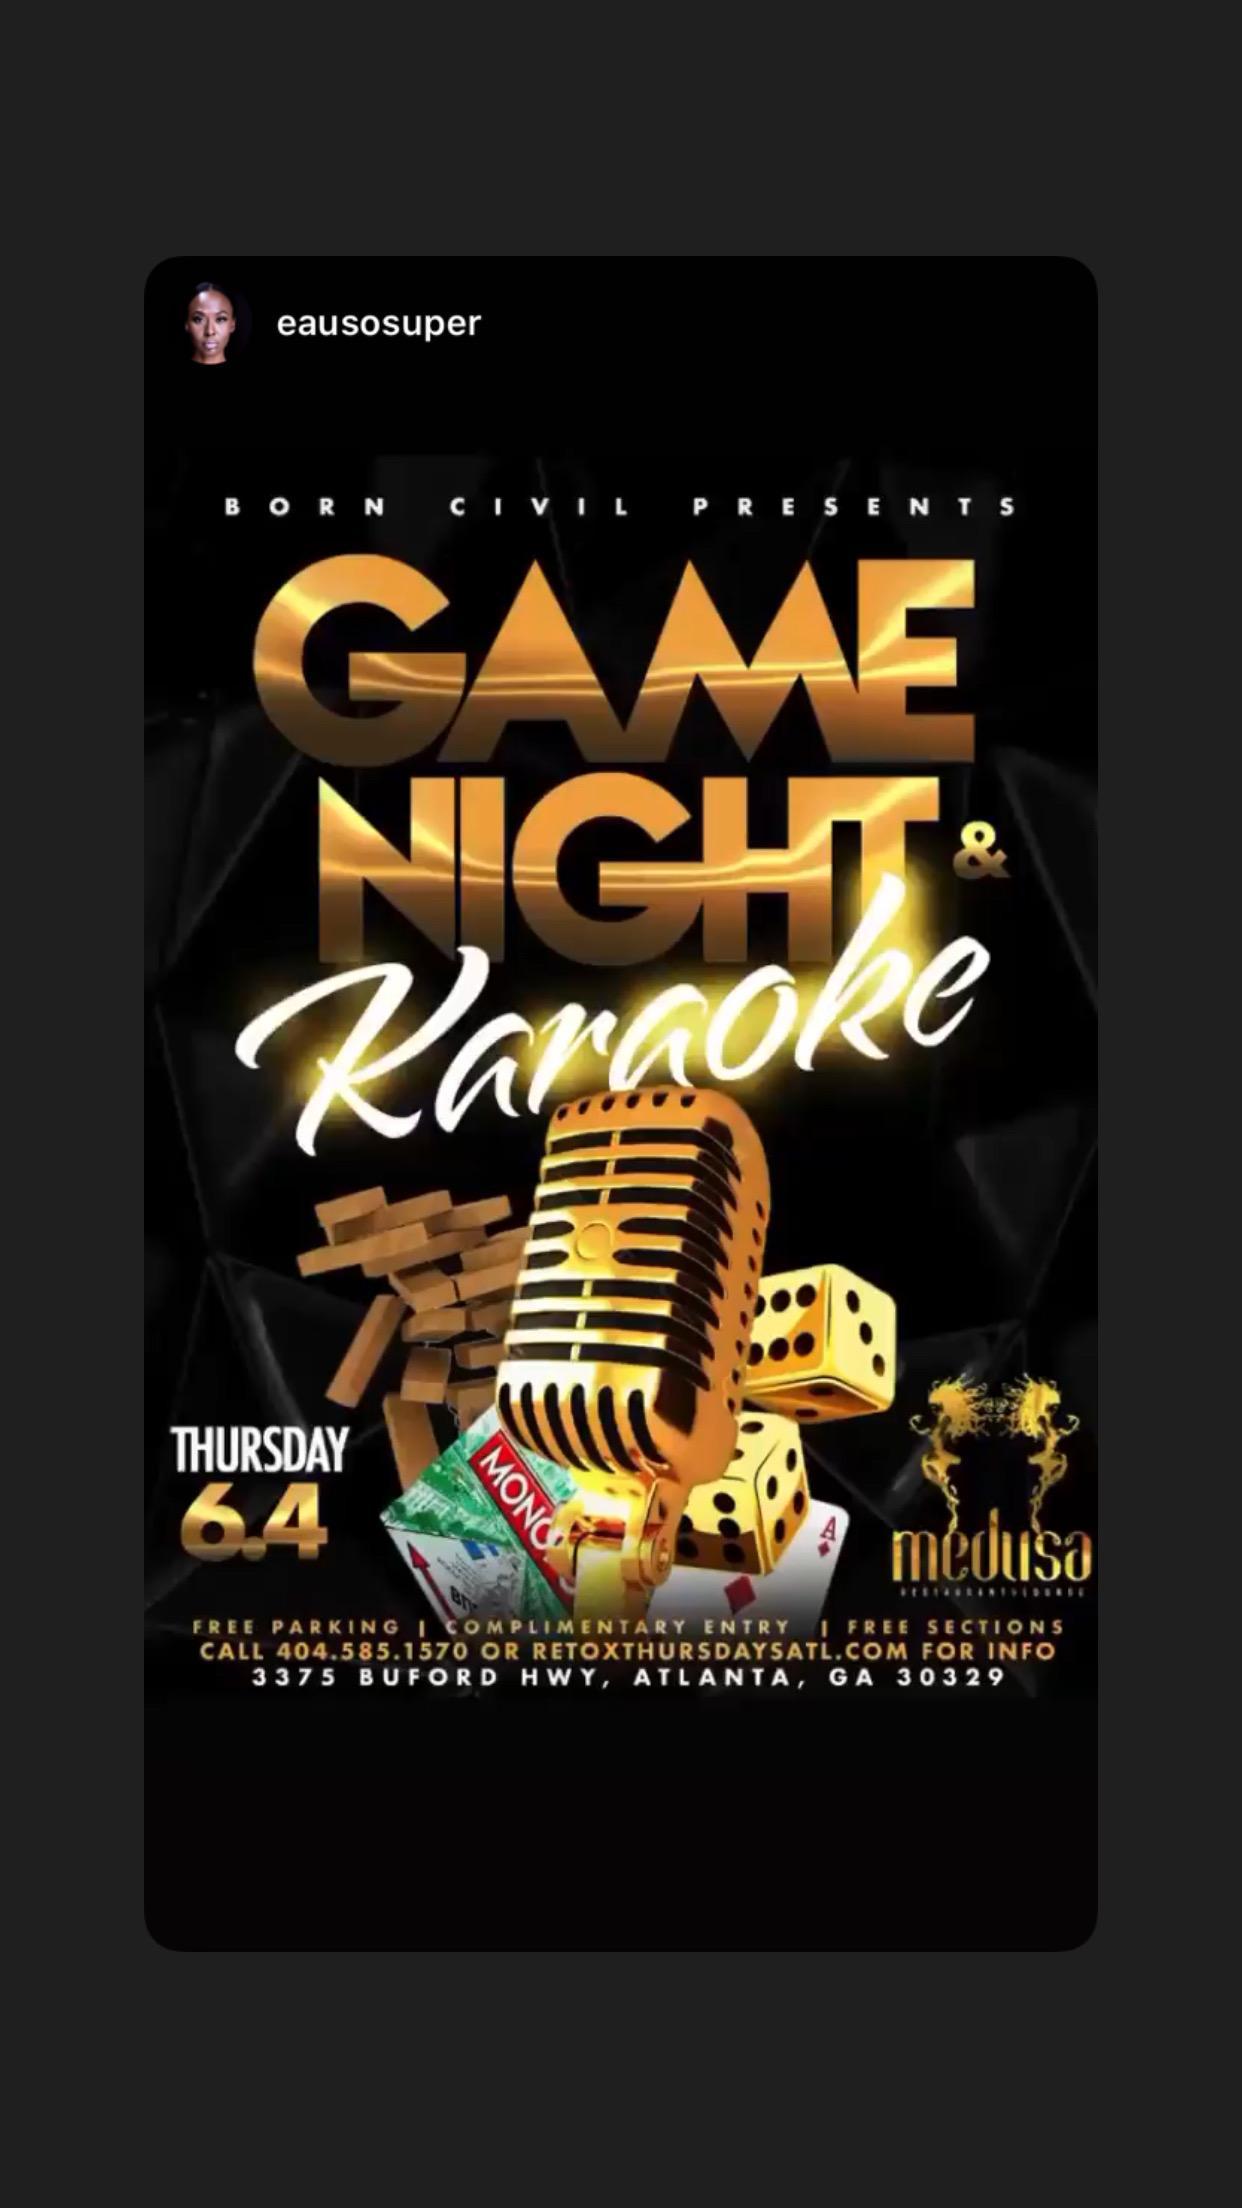 Karaoke + Game night